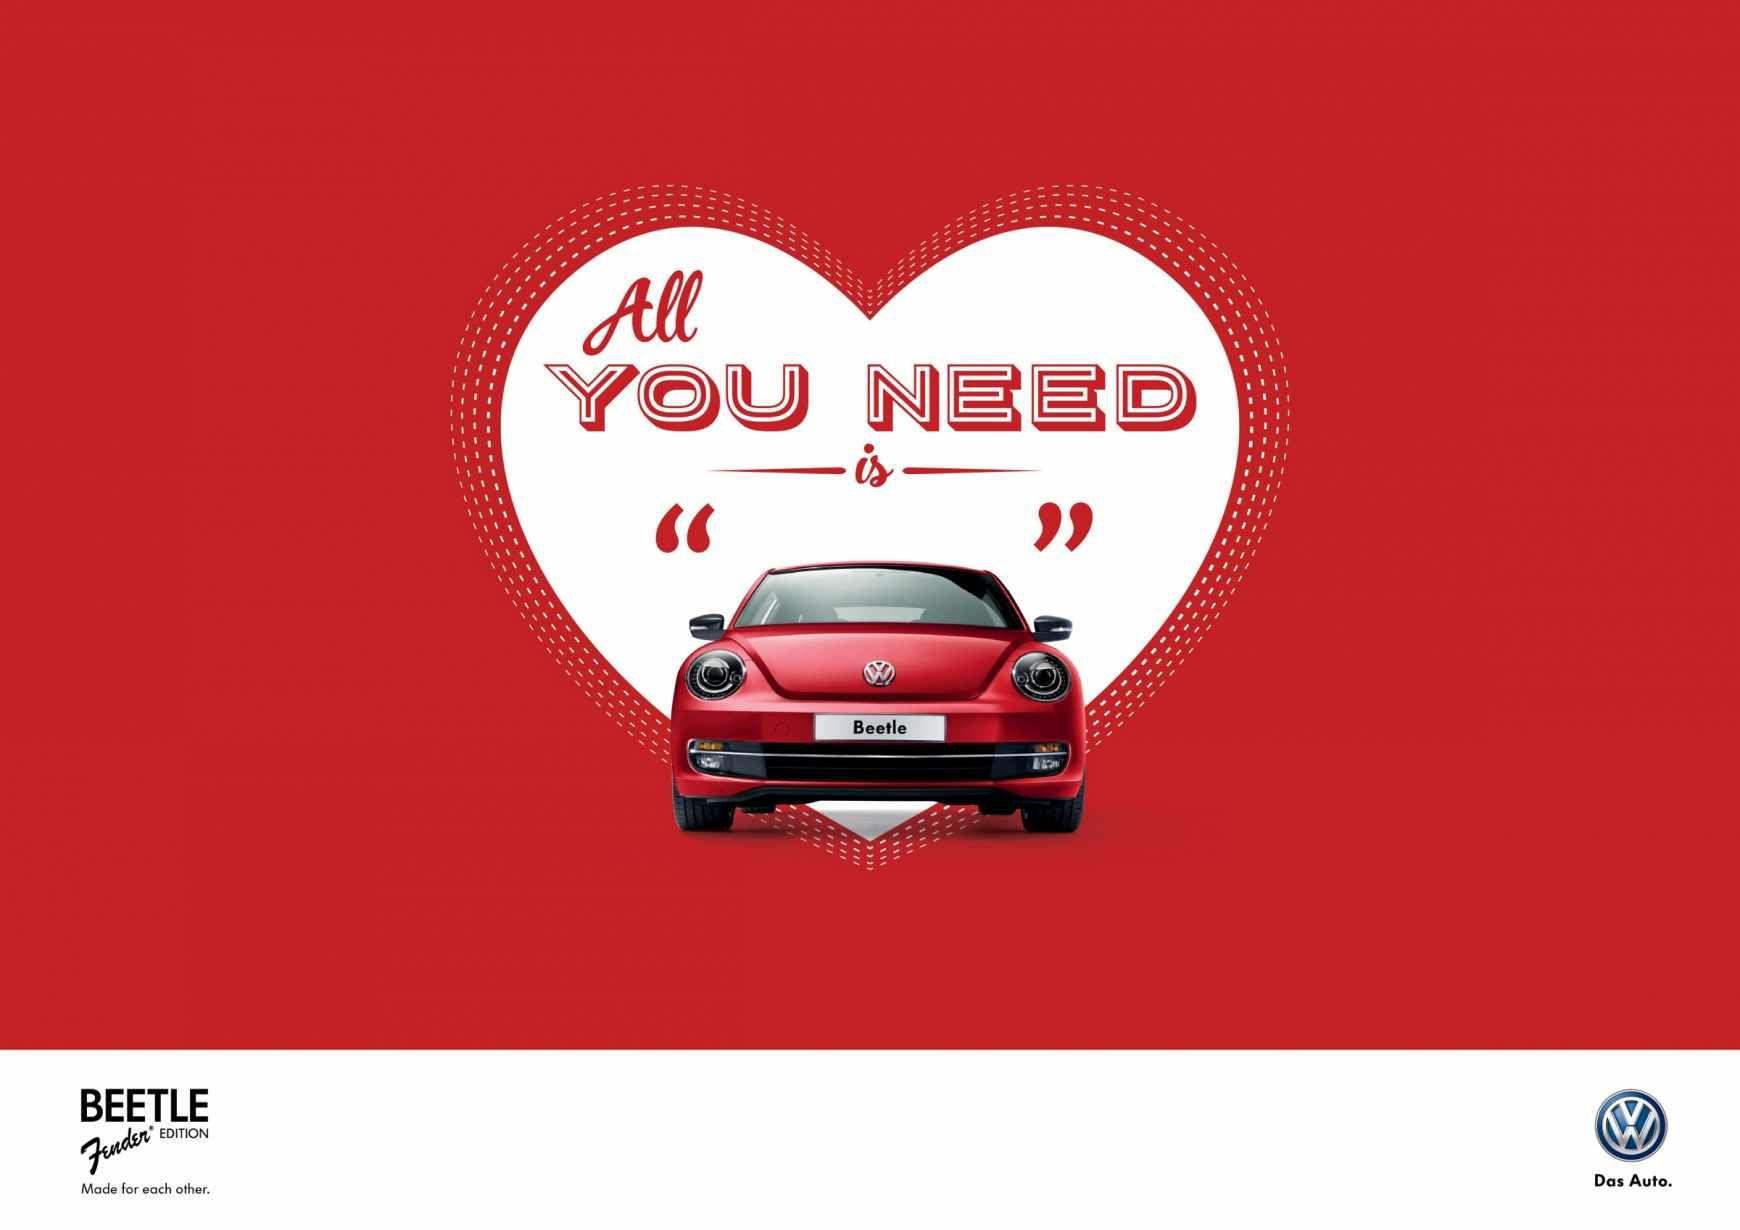 Volkswagen Beetle All You Need Is Volkswagen Beetle Volkswagen Creative Advertising